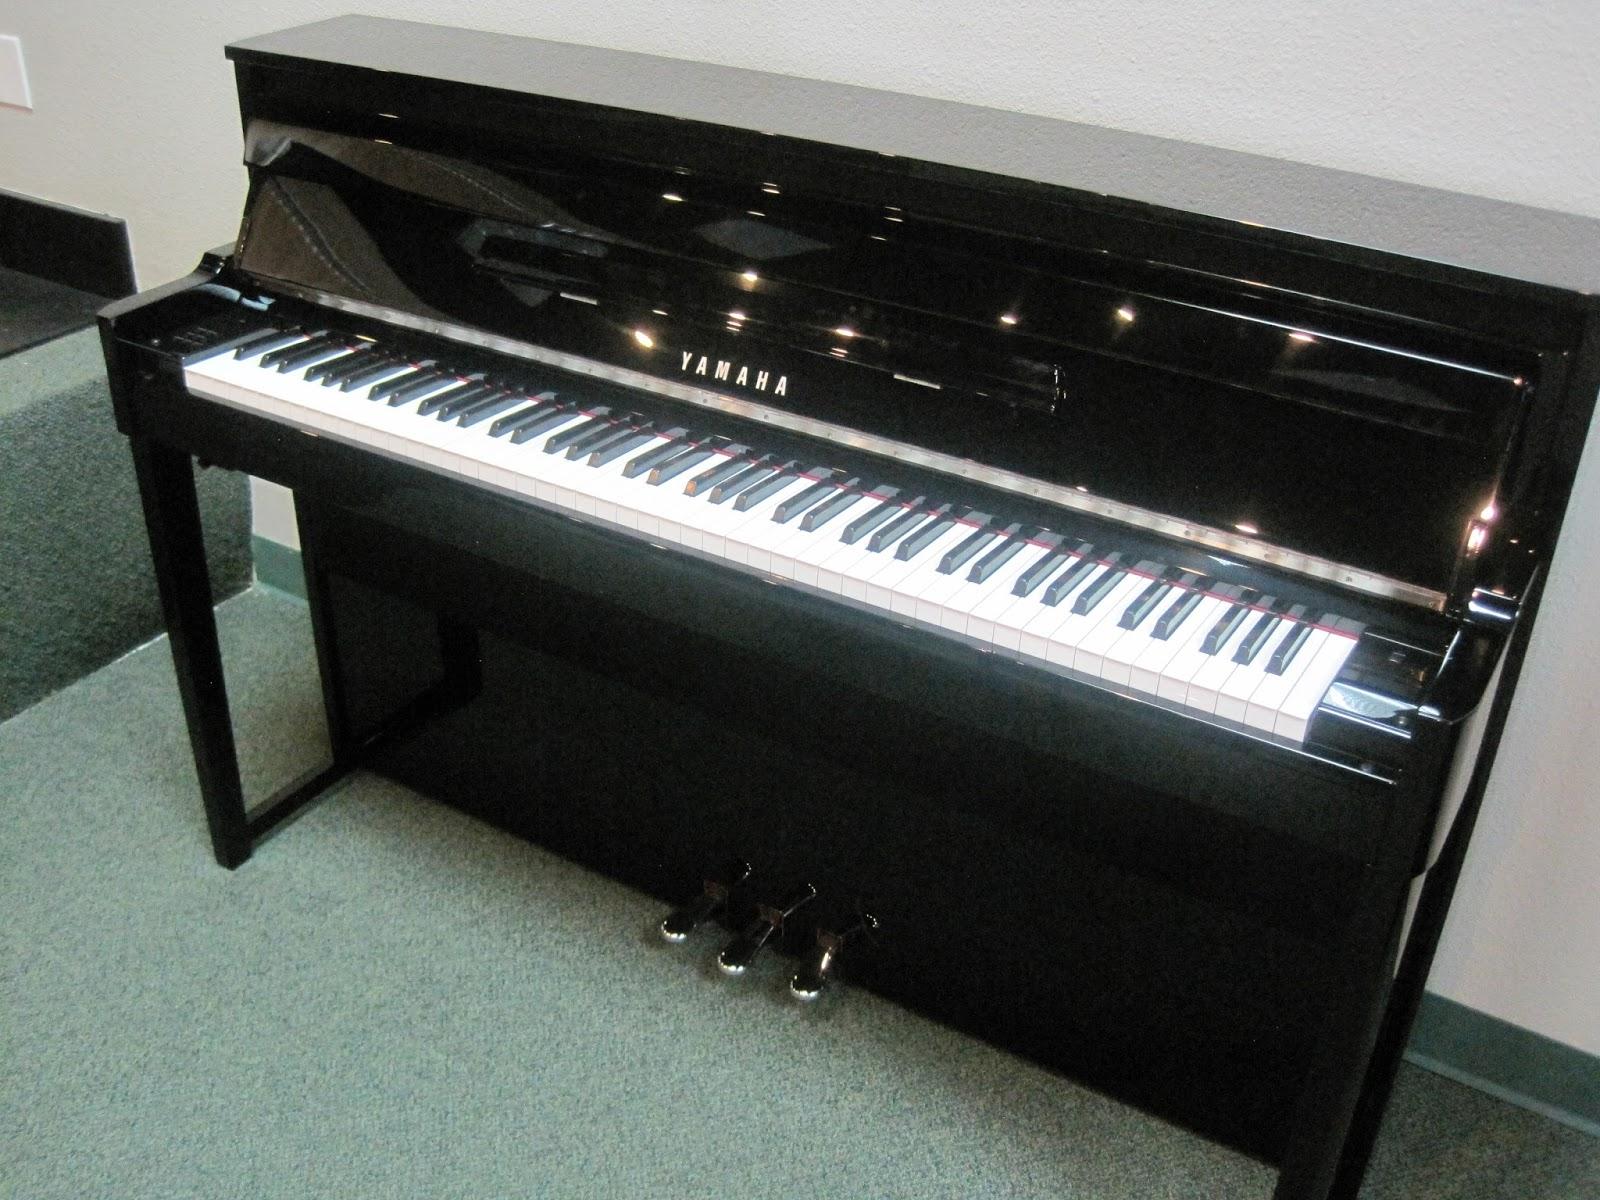 maxresdefault Yamaha Clp 585